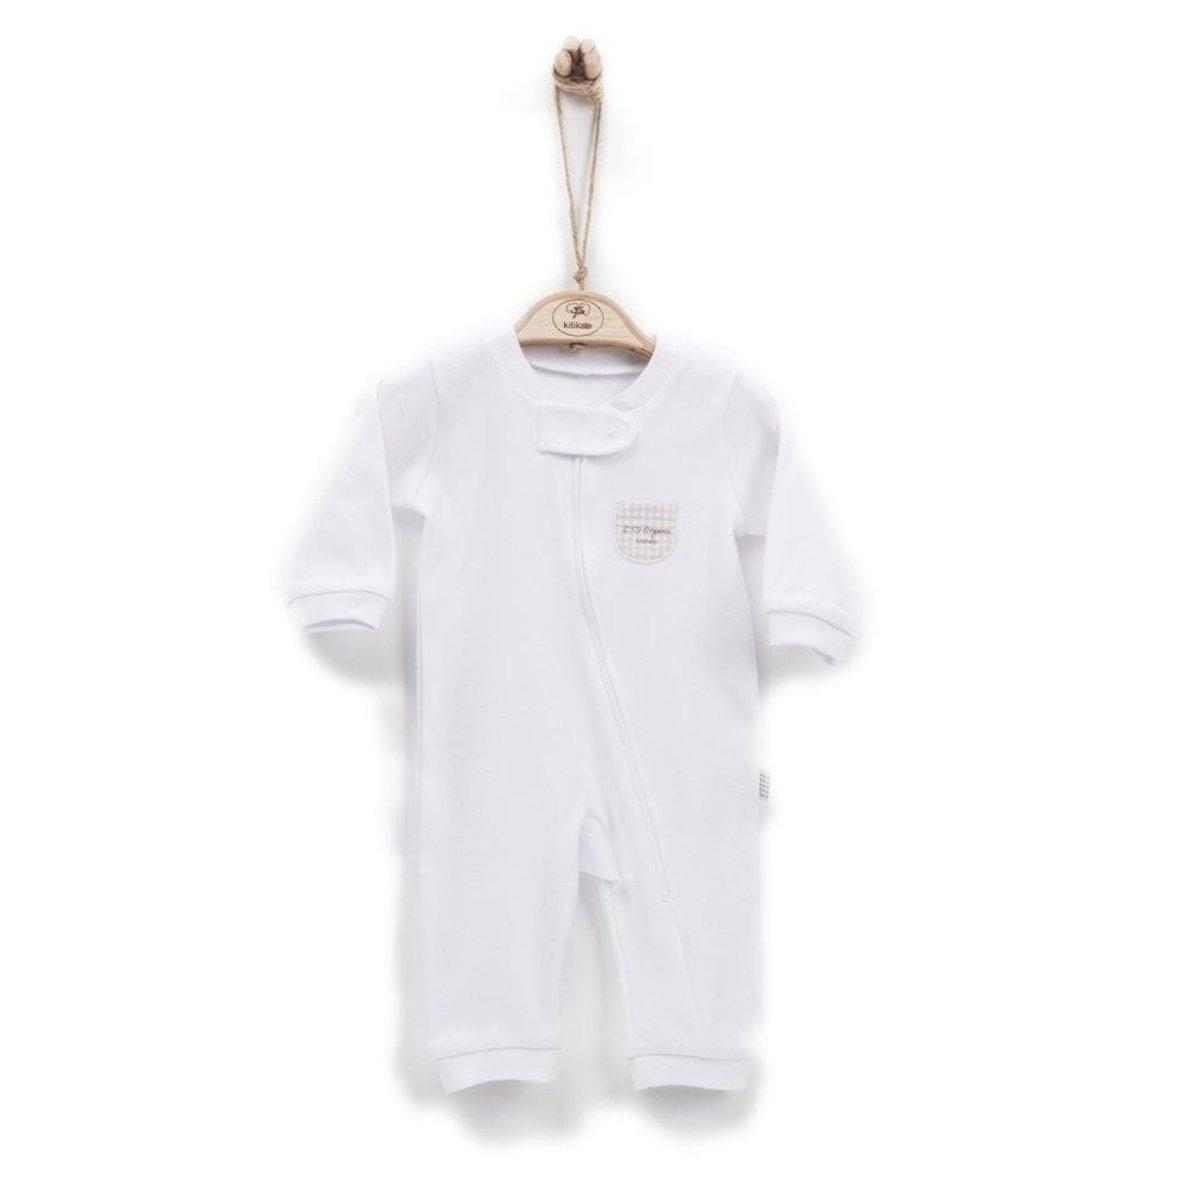 有機棉嬰兒長袖拉鏈連身衣 (3-6M)